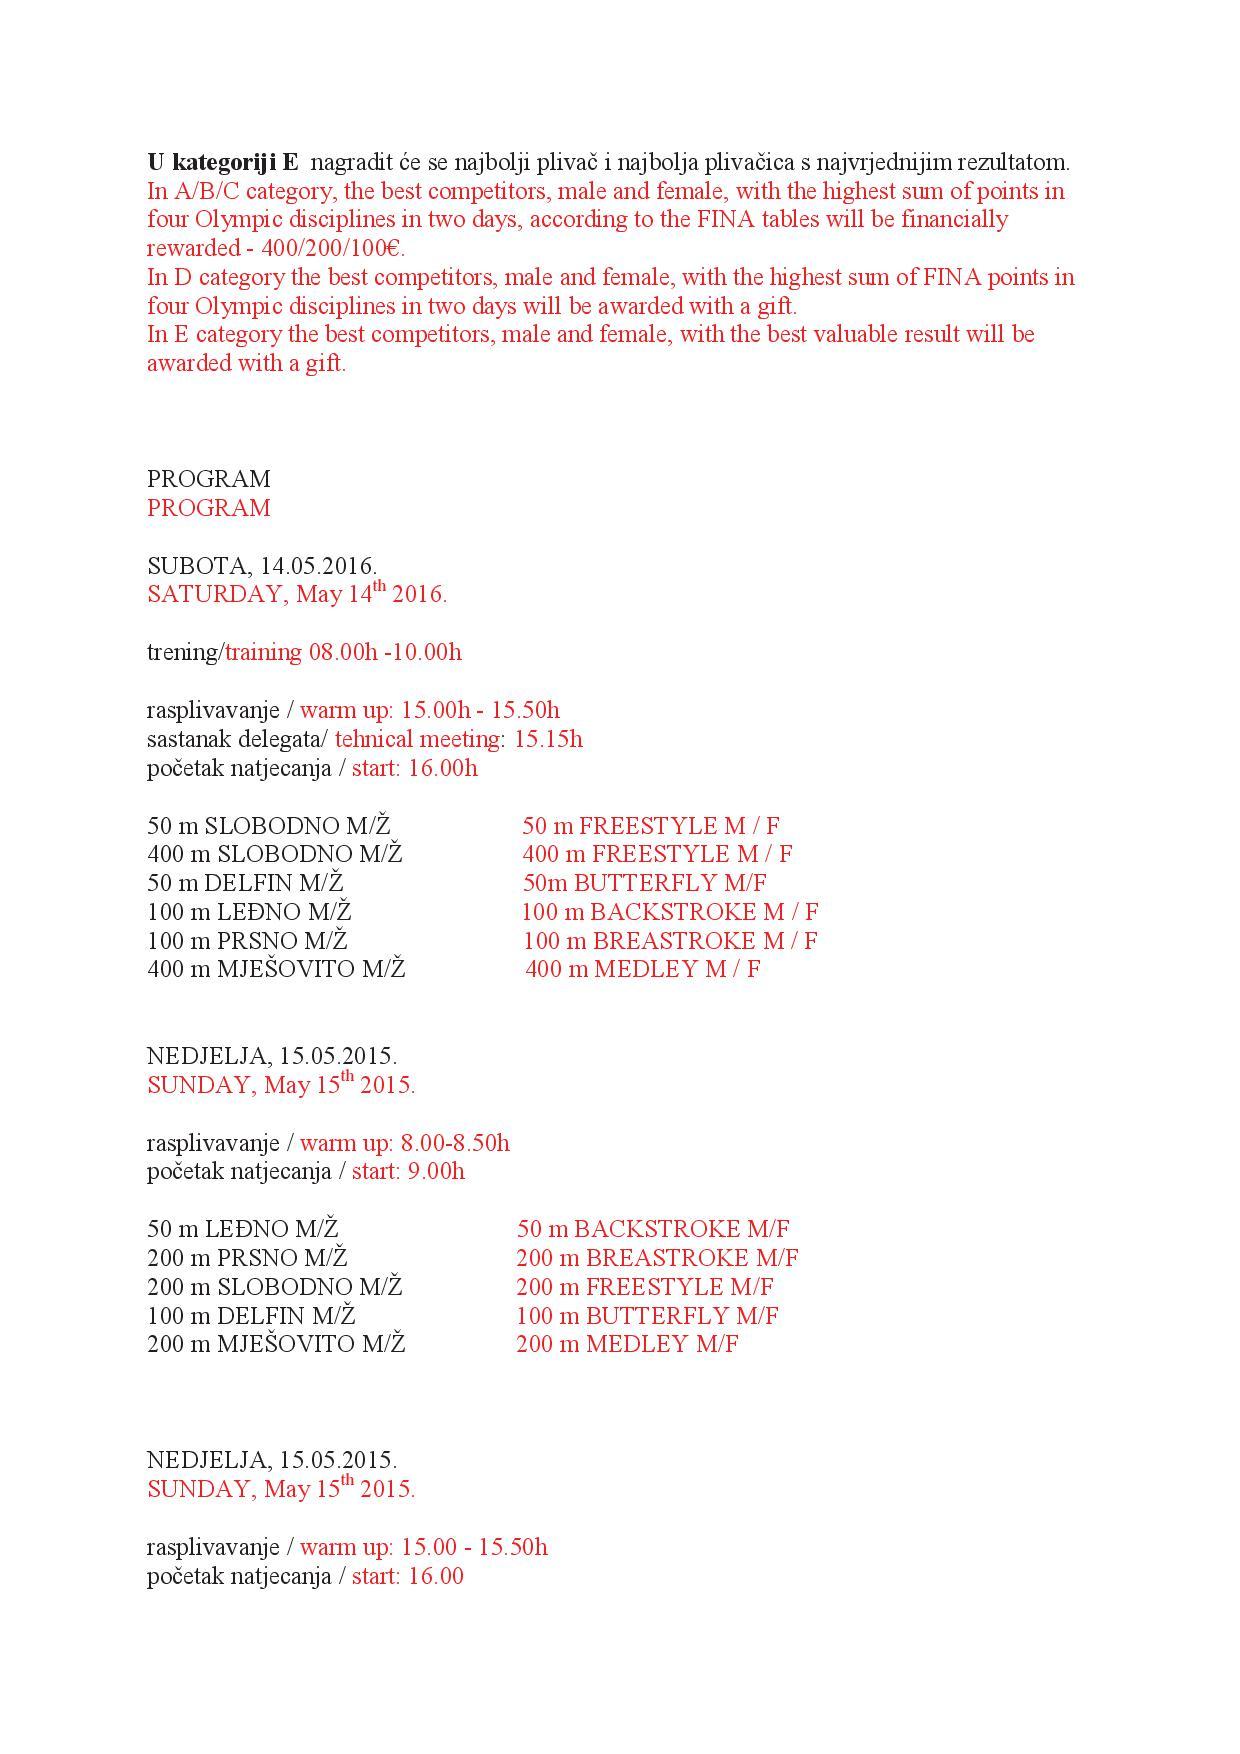 Пропозиције натјецања у PDF формату на језику организатора и енглеском, страна 3